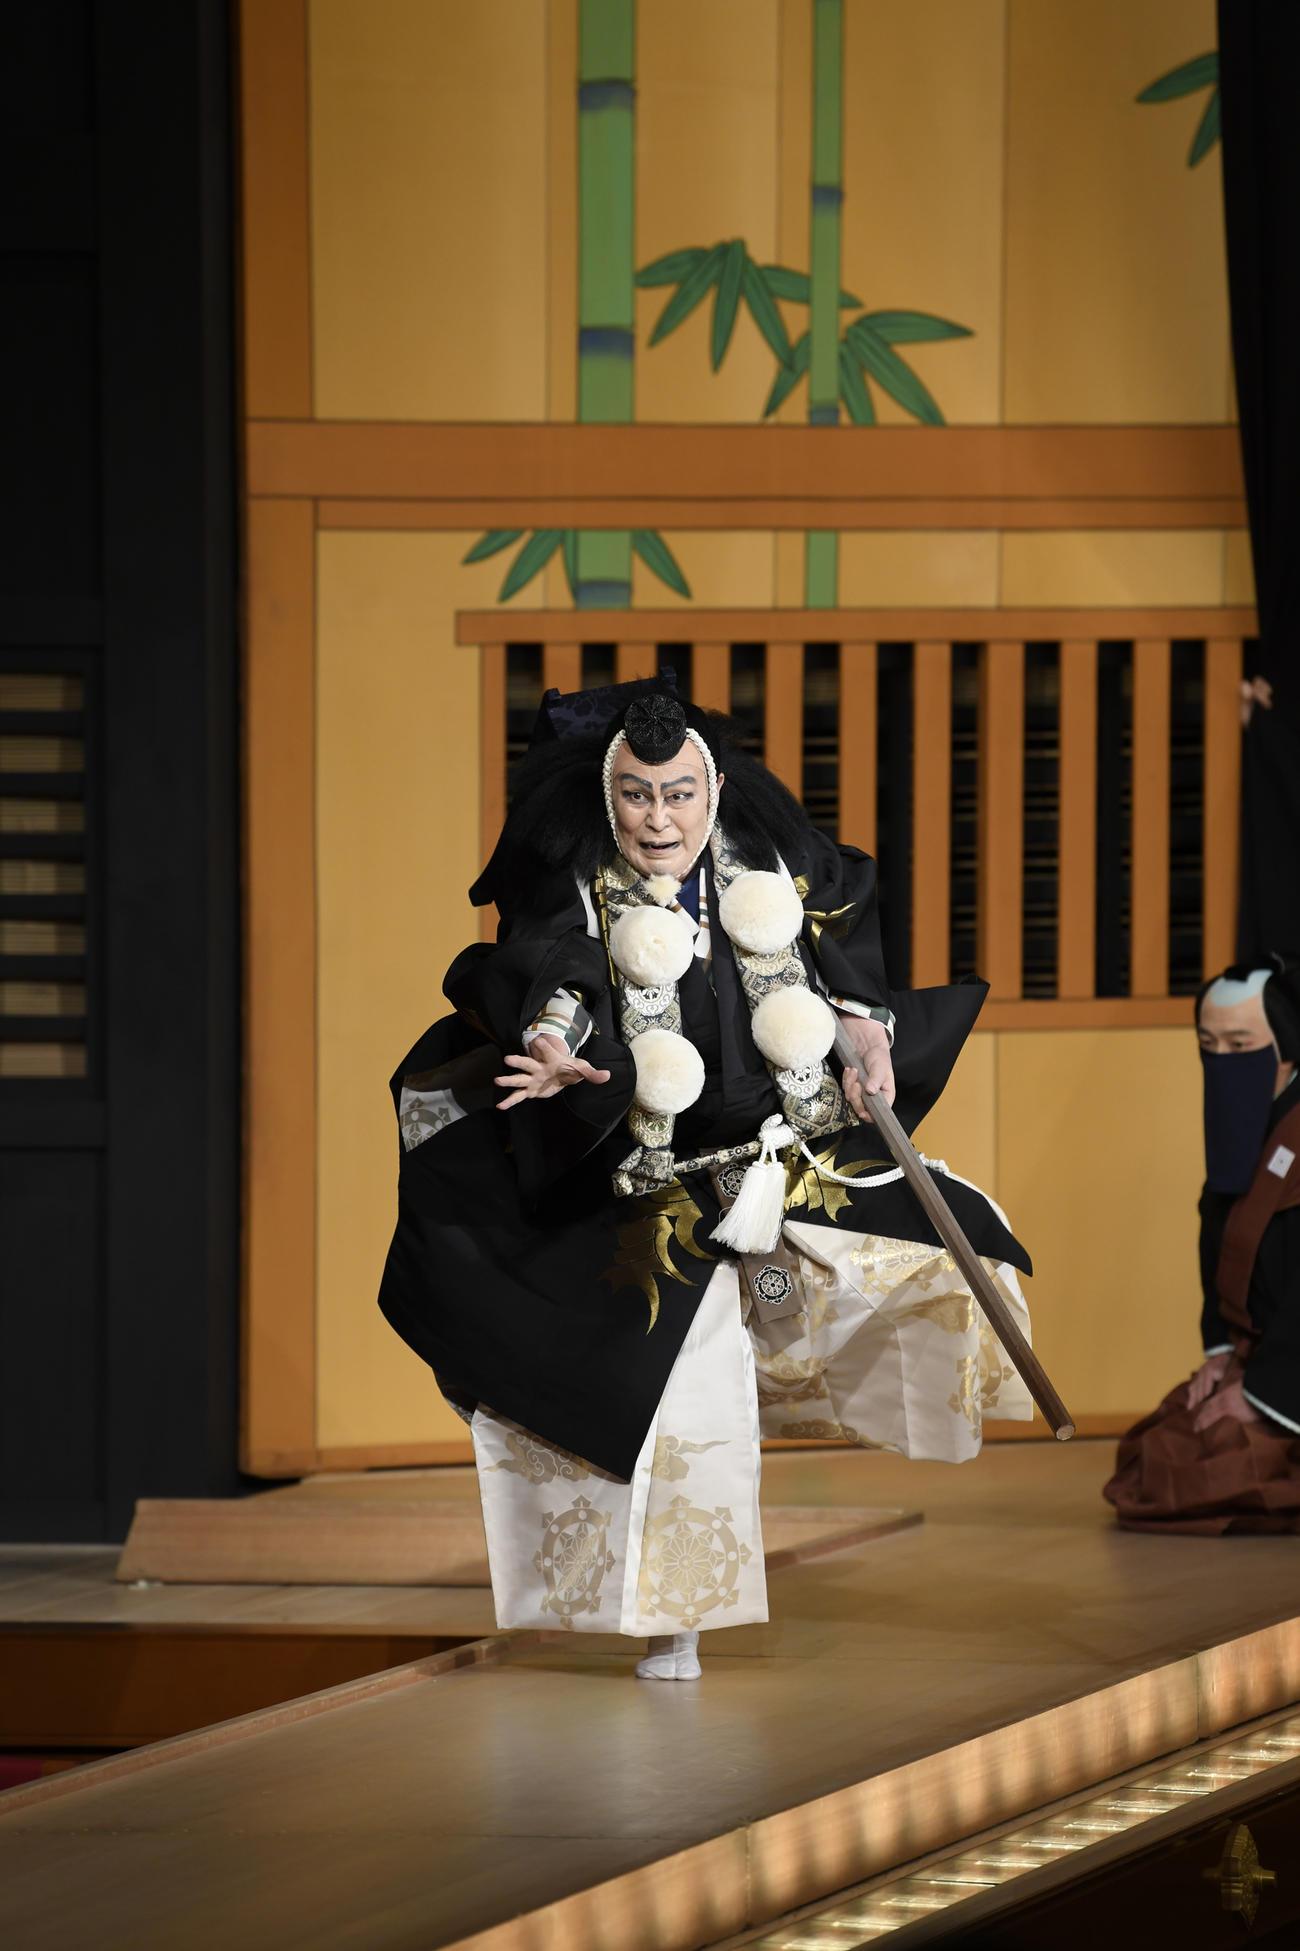 「勧進帳」で武蔵坊弁慶を演じる松本白鸚(C)松竹